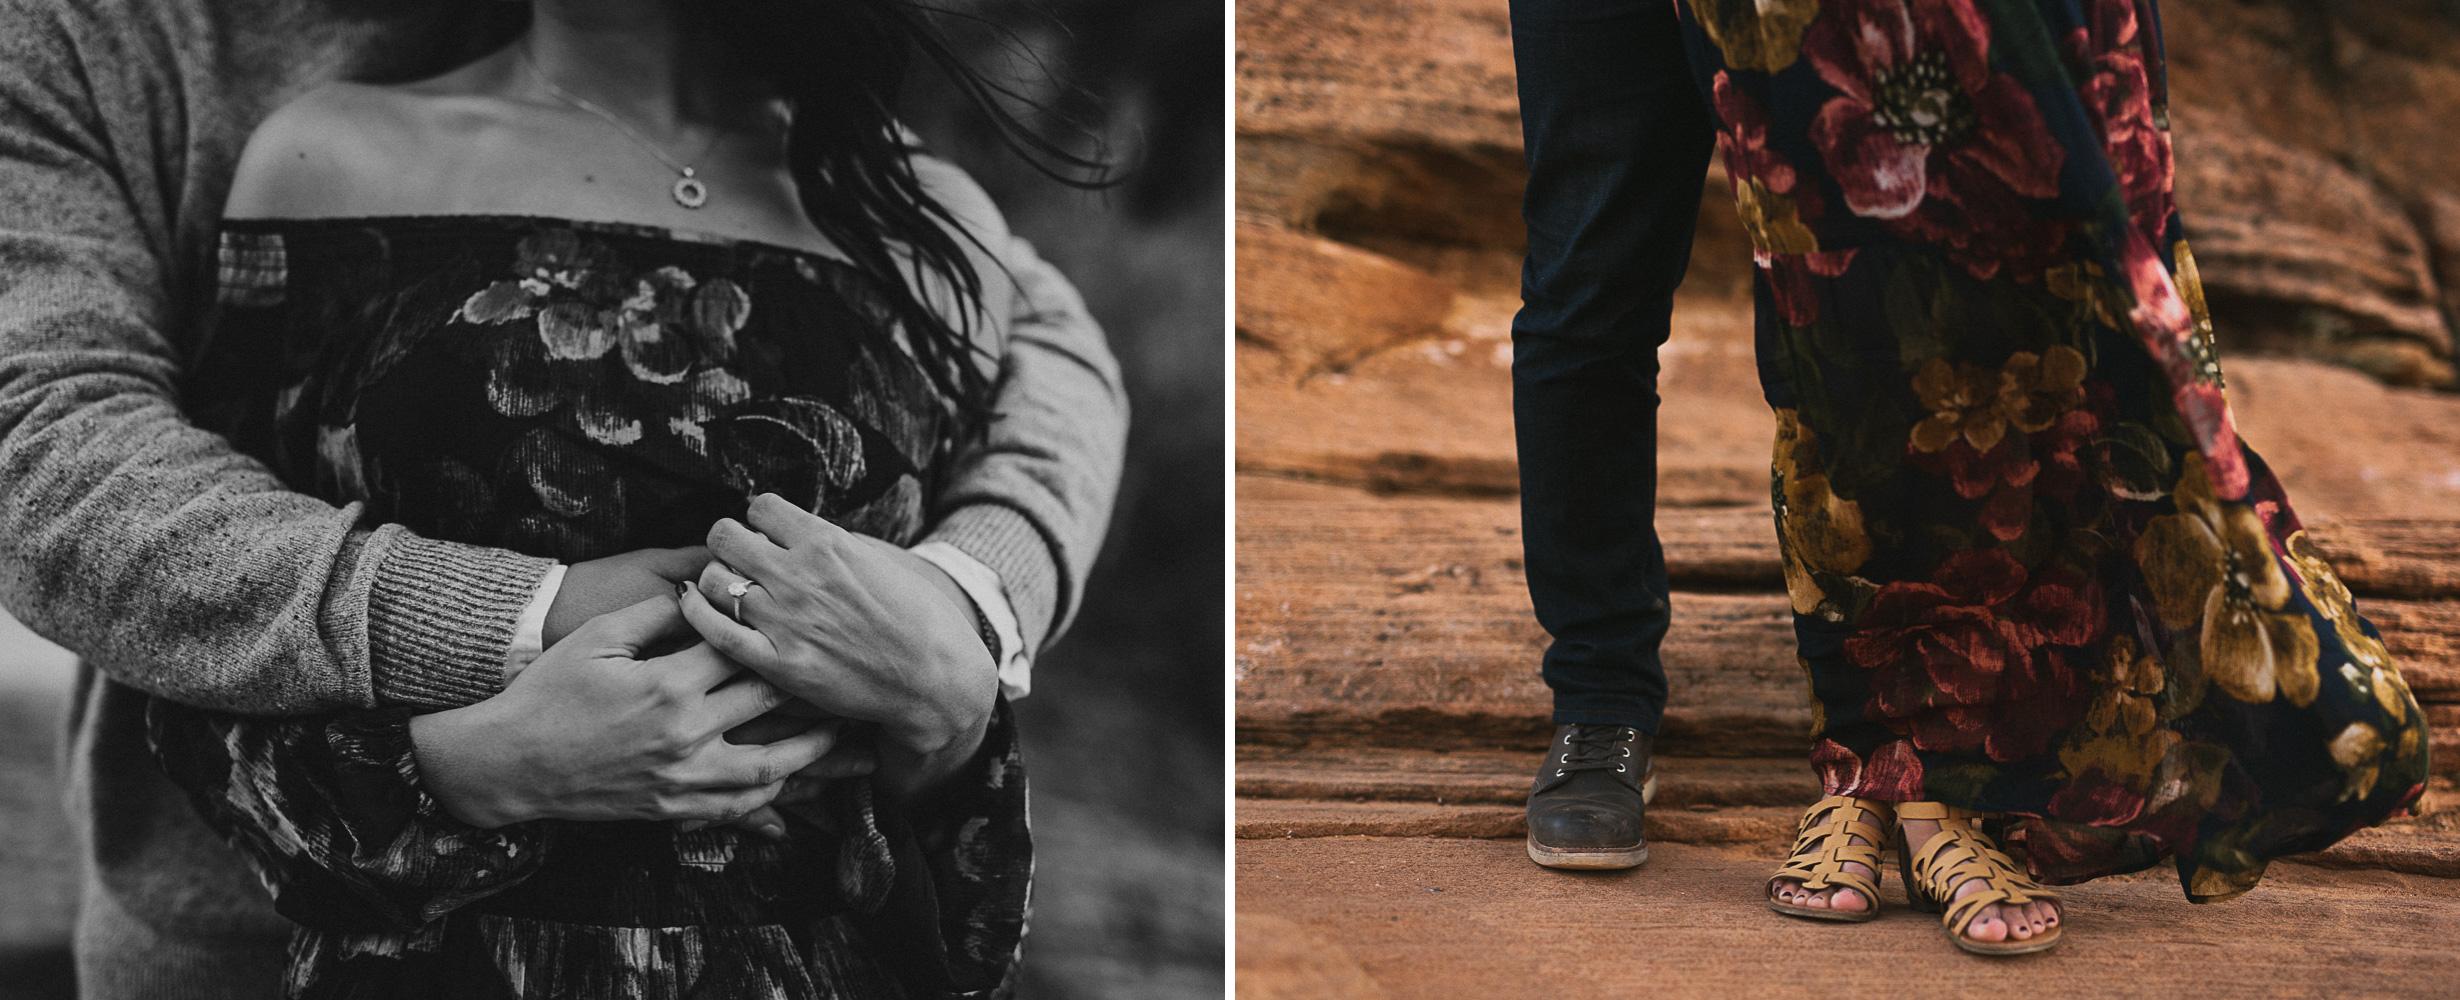 Zion-Utah-Engagement-Photographer-04.jpg